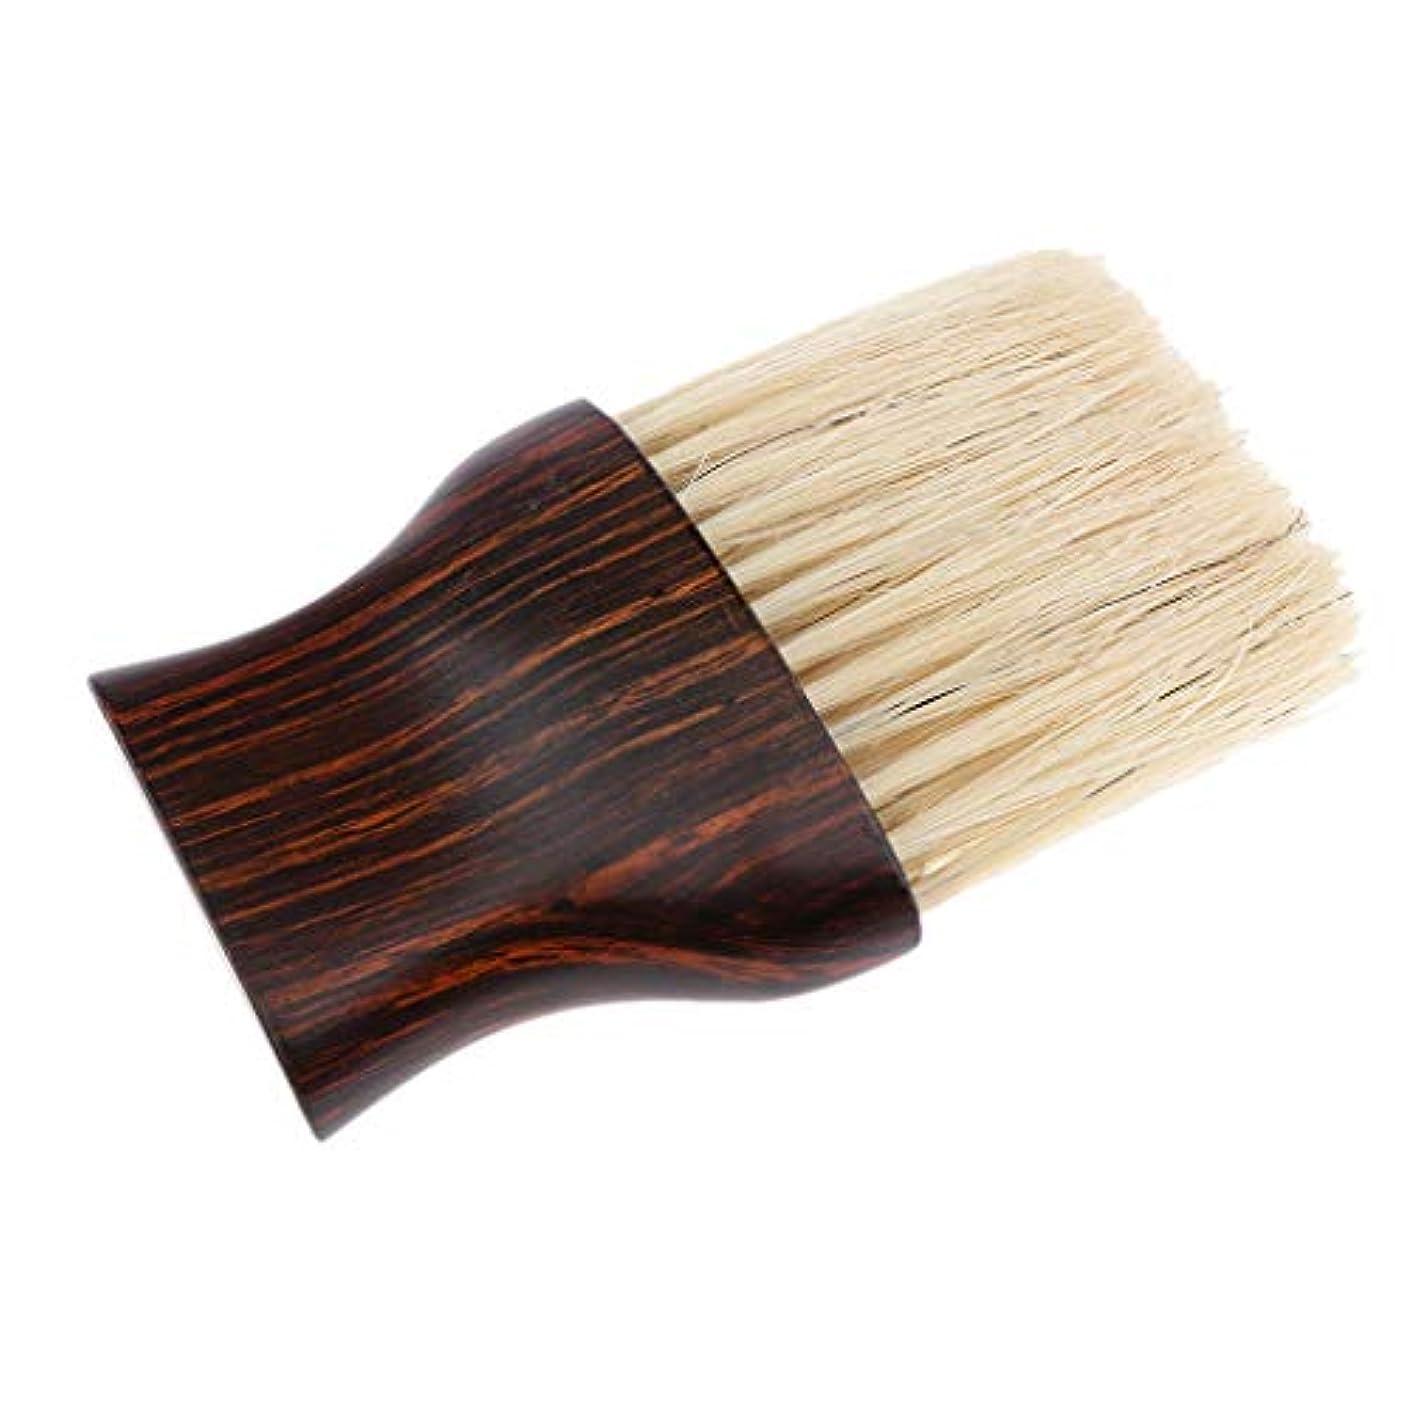 群れ酔ったバイオリニストInjoyo ヘアカットブラシネックダスタークリーニングヘアブラシ理容室快適な繊維の髪、木製ハンドル付き理髪ツール